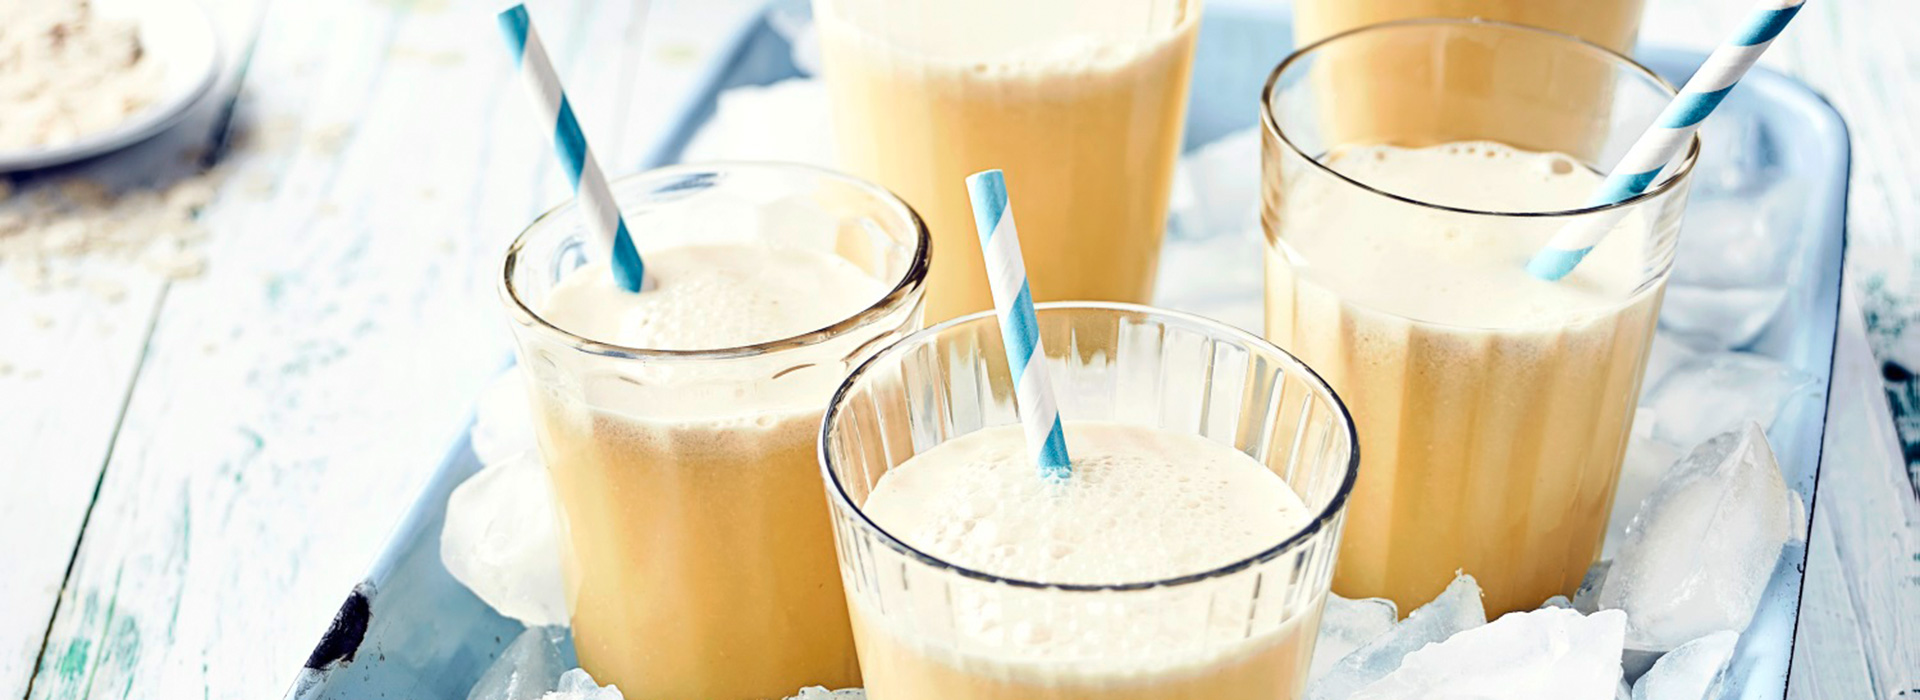 Koelln Breakfast Drink